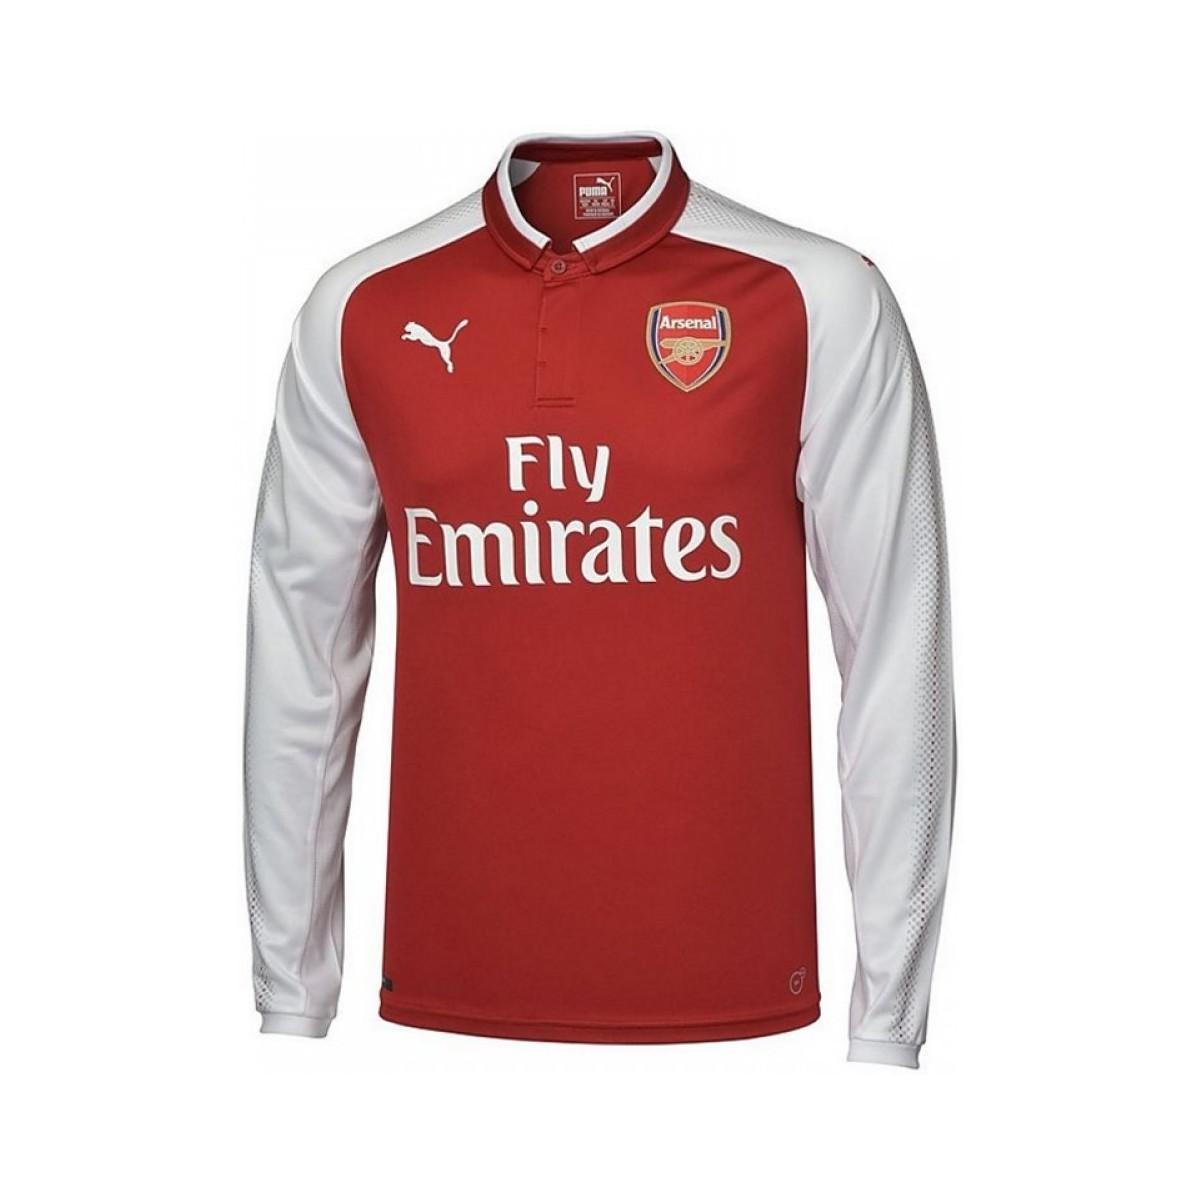 8fc1f953a Puma 2017-18 Arsenal Home Long Sleeve Shirt (ozil 11) Women s Polo ...